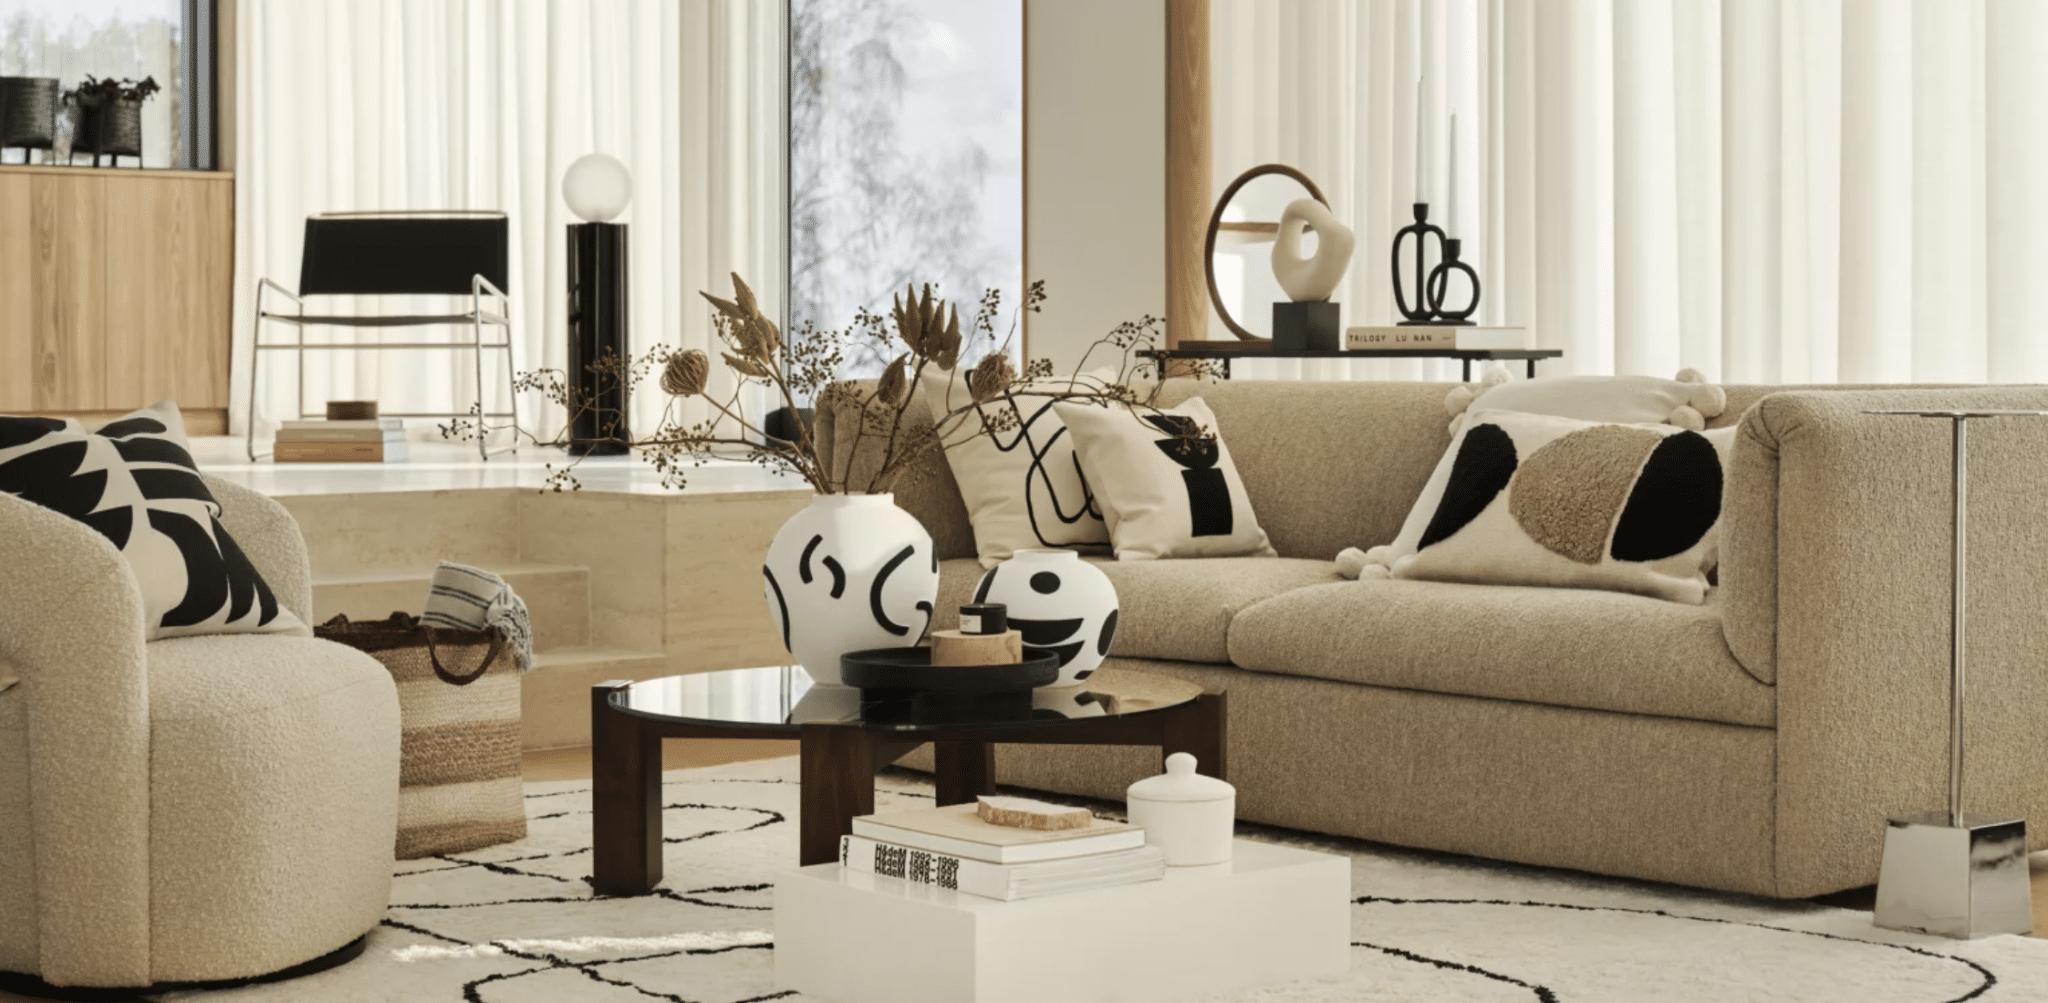 h&m home magasin décoration paris maison